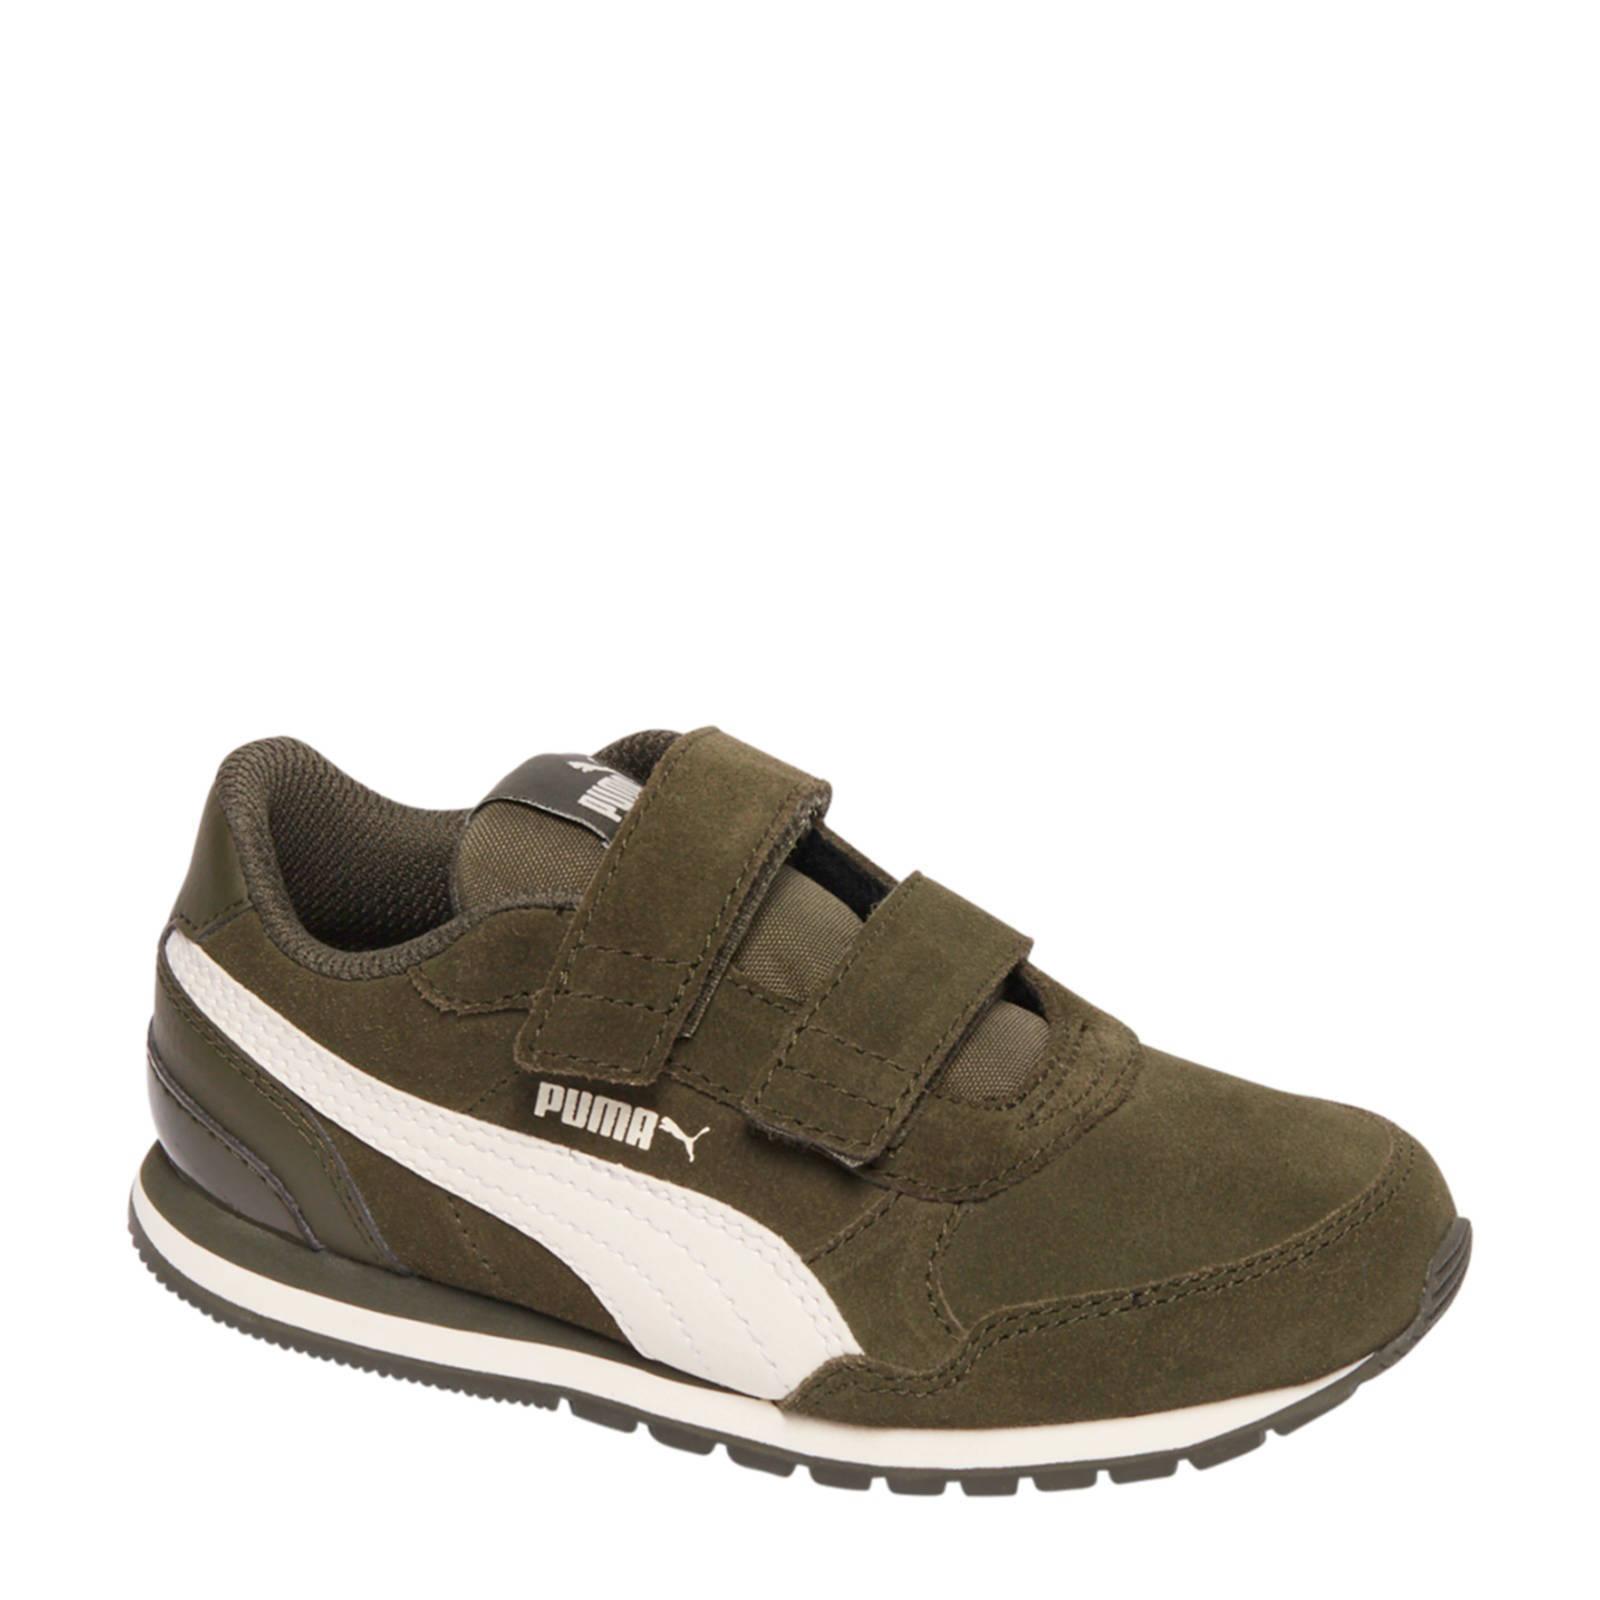 Puma ST Runner suède sneakers groen | wehkamp